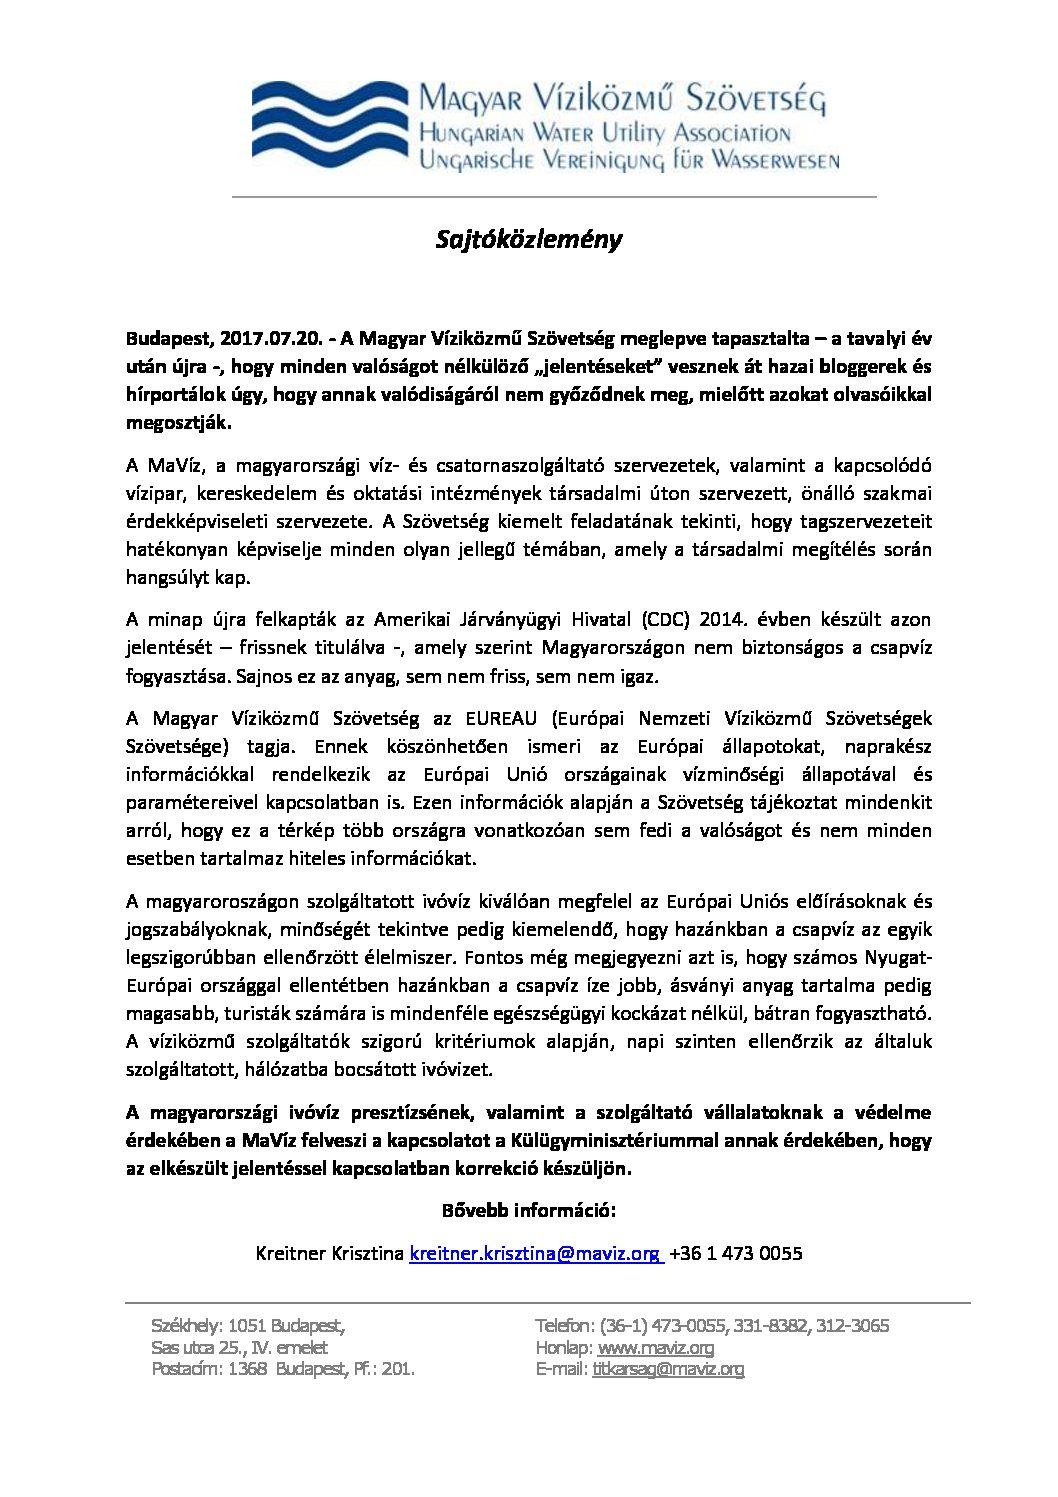 Közlemény - ivóvíz presztízsének védelme 07.20